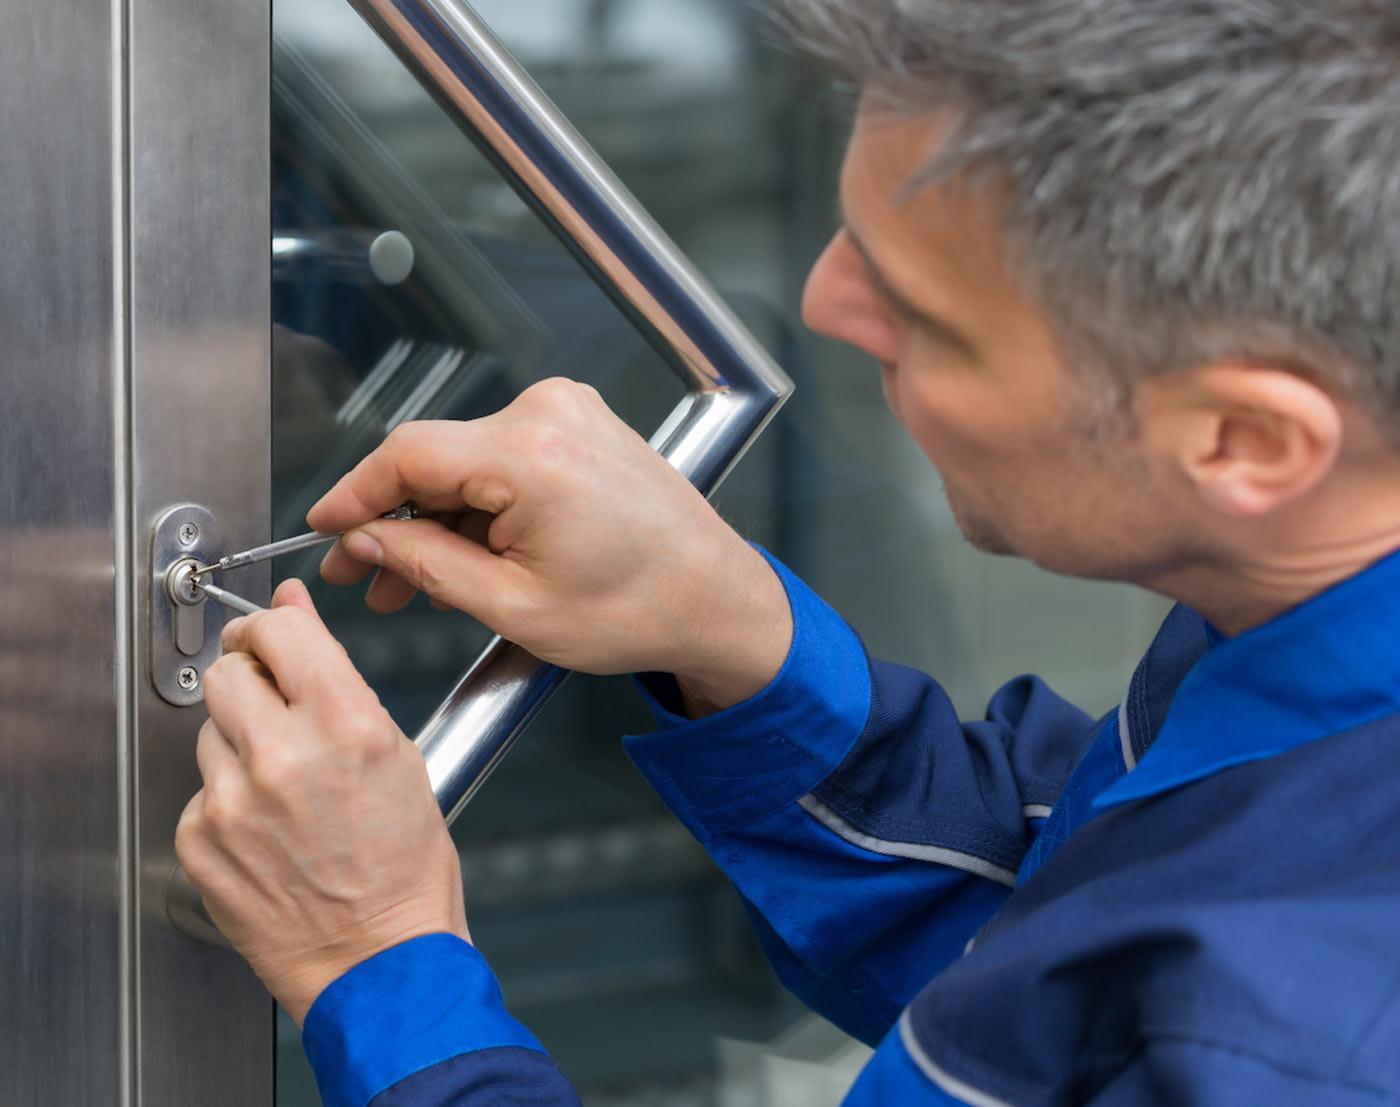 Ein Handwerker versucht, mit Spezialwerkzeug eine Tür zu öffnen